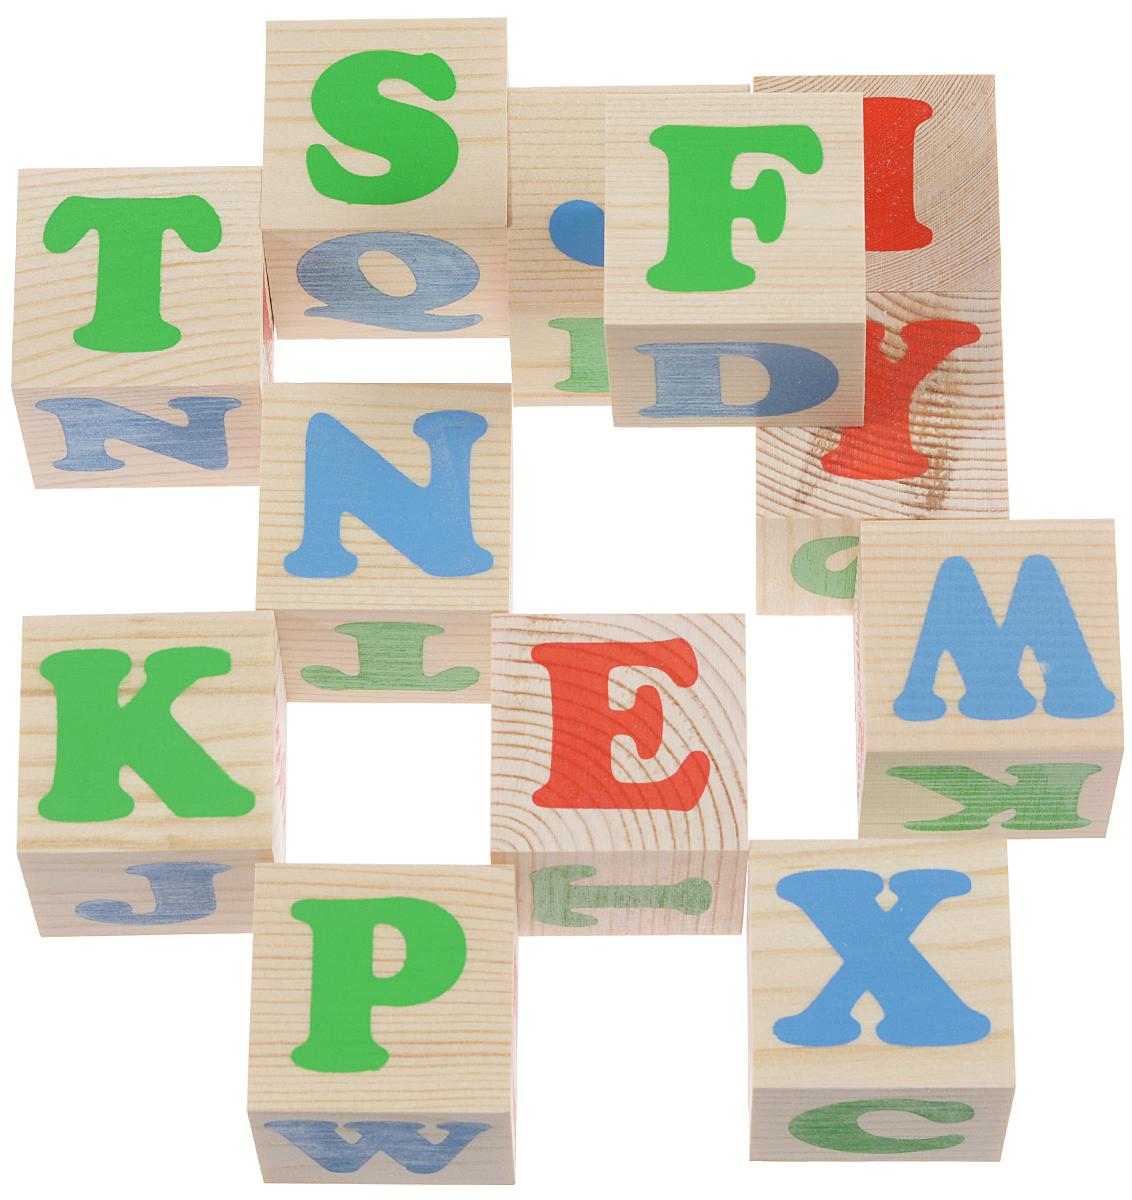 Томик Кубики Алфавит английский1111-2Кубики Томик Алфавит английский - это замечательный набор деревянных кубиков, на которых изображены буквы английского алфавита. С помощью этих кубиков ребенок познакомится с буквами английского алфавита, научится составлять из них слова. Кроме того из кубиков можно строить башни, дома, арки и многое другое. Небольшие размеры кубиков позволяют играть с ними даже самым маленьким. Изготовлены из экологически чистого материала - древесины. Рисунки, нанесенные способом шелкографии - надежны и долговечны. Кубики развивают логическое мышление, наглядно-образное мышление, память, мелкую моторику рук, внимание. Они станут хорошей подготовкой к школе.